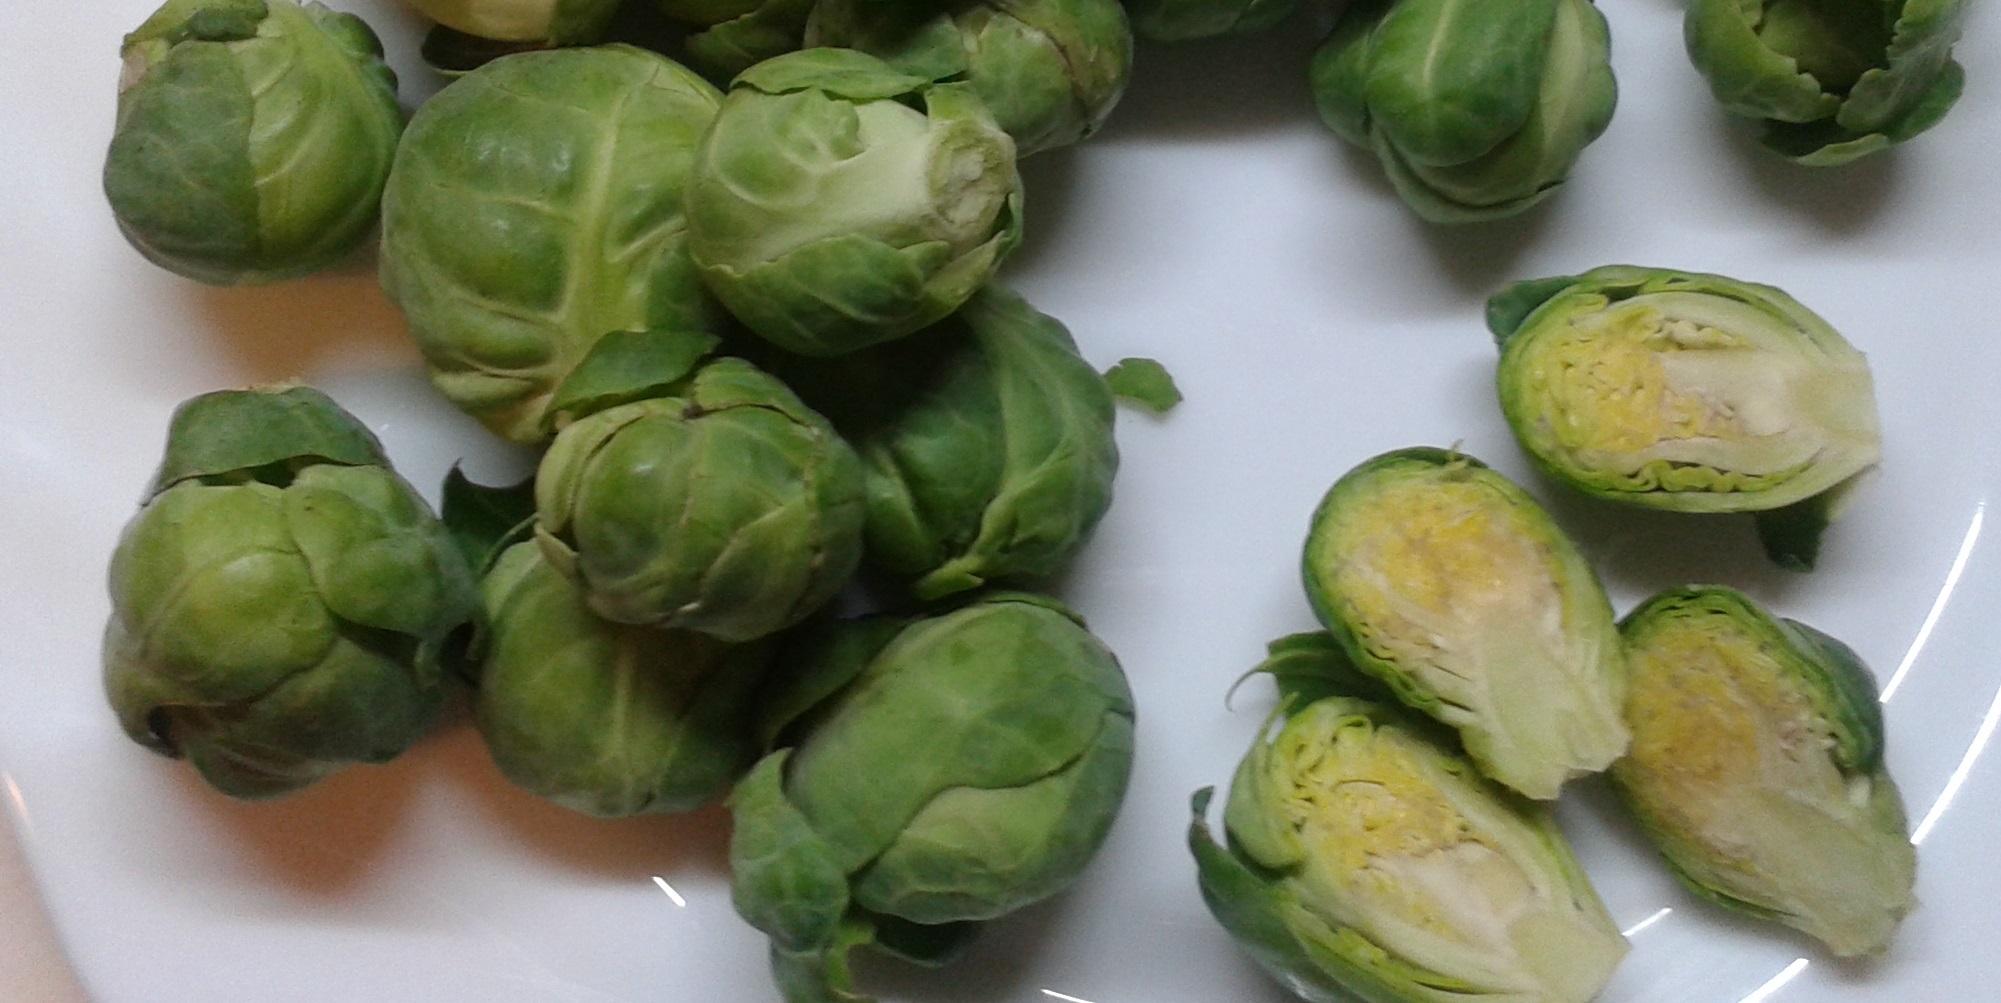 vastagbél méregtelenítő zöldségek)